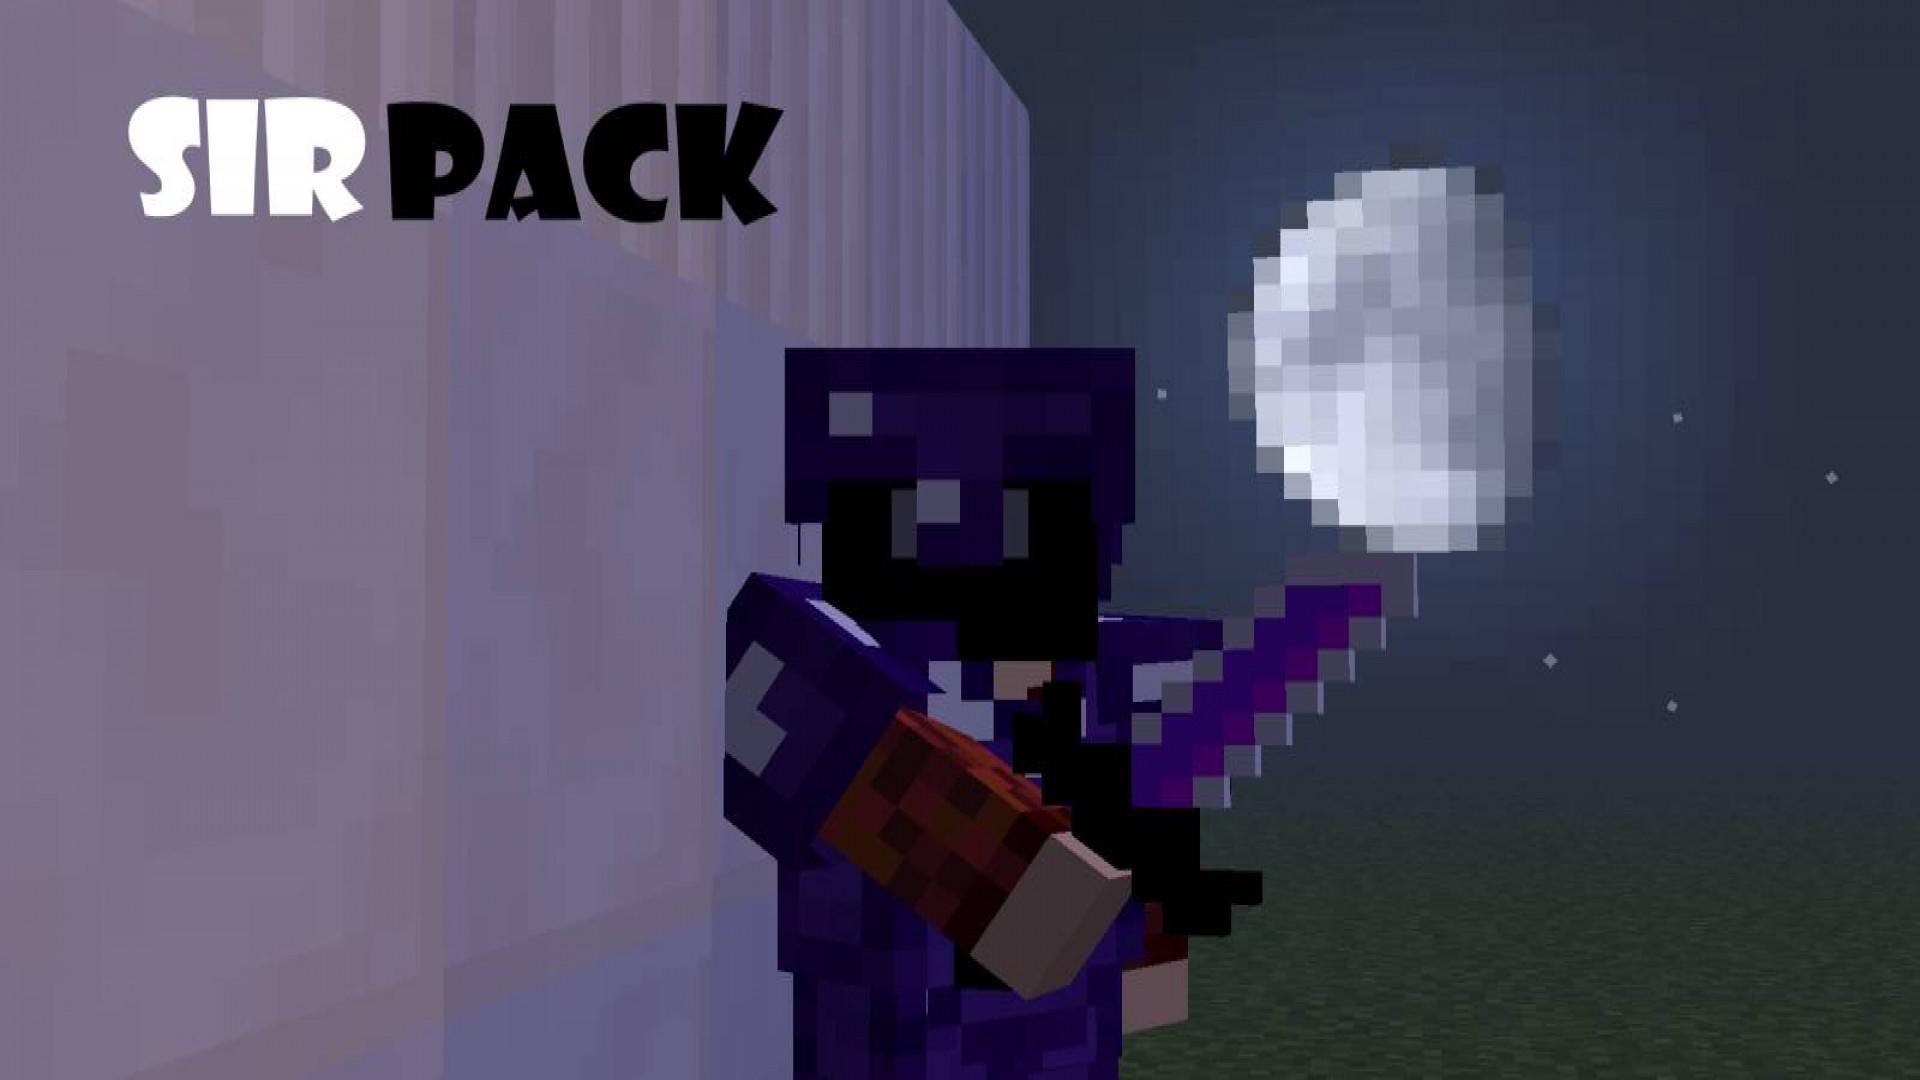 SirPack